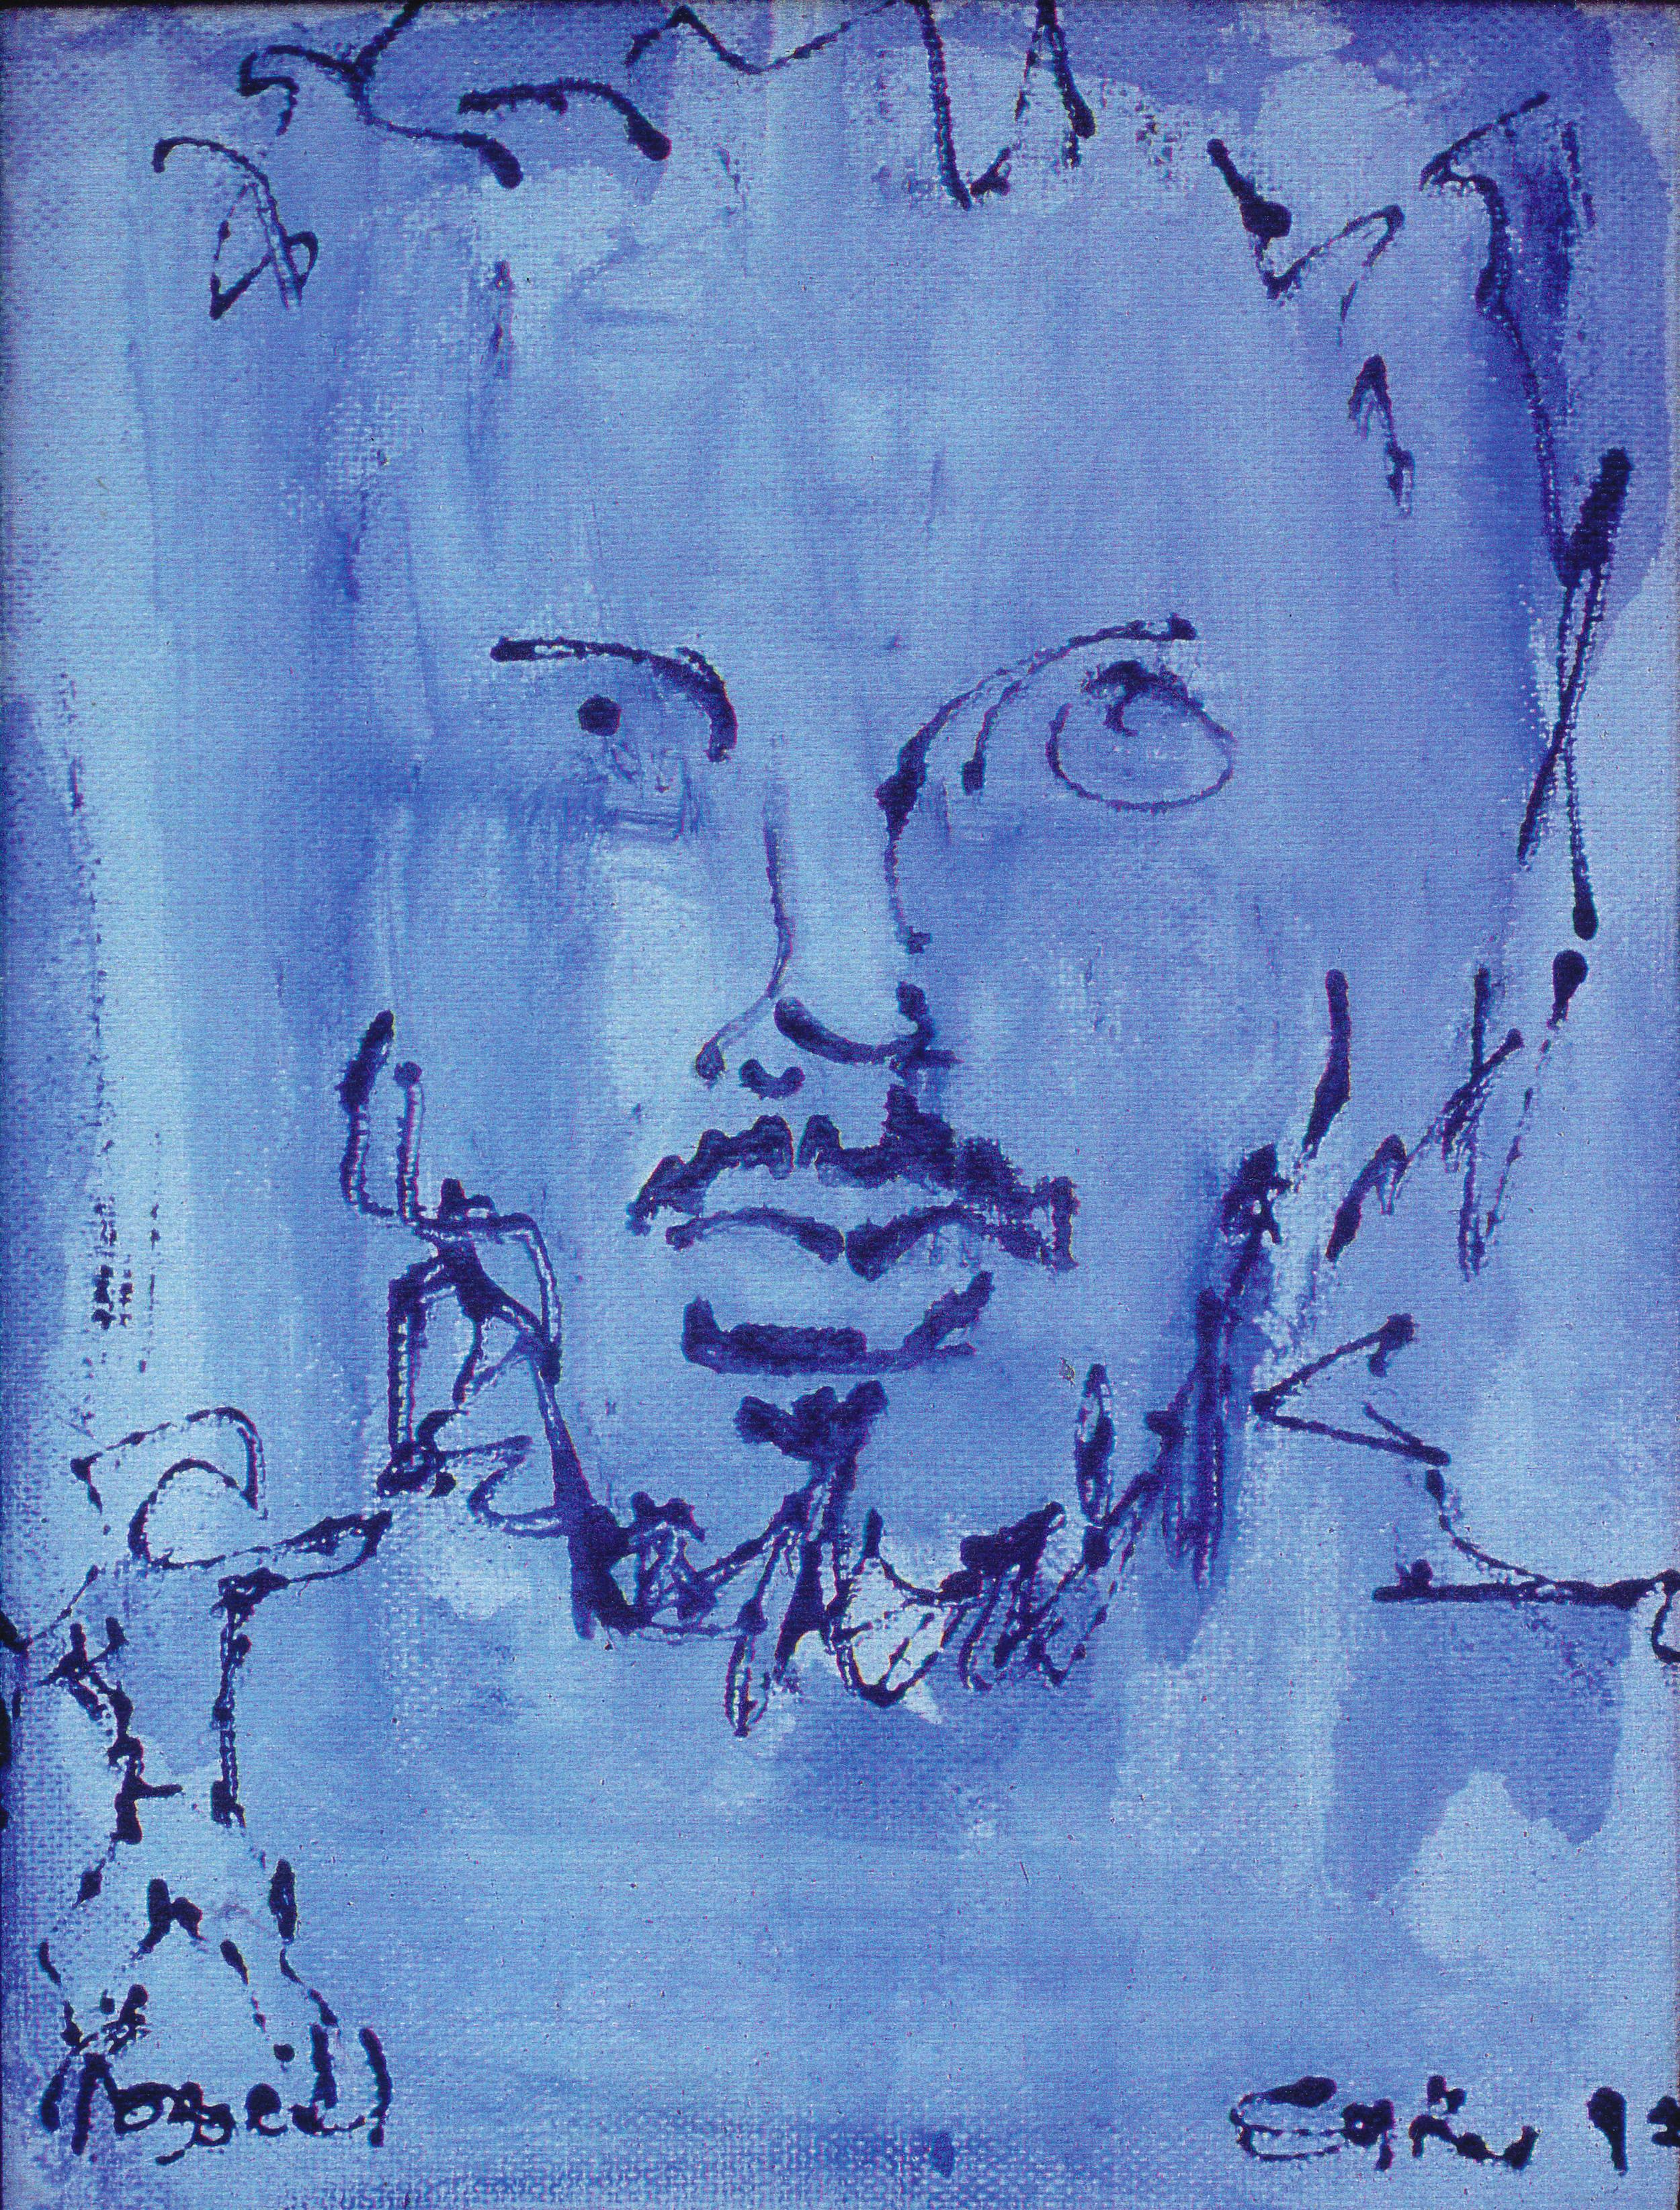 Image of Mountain Man, 1992